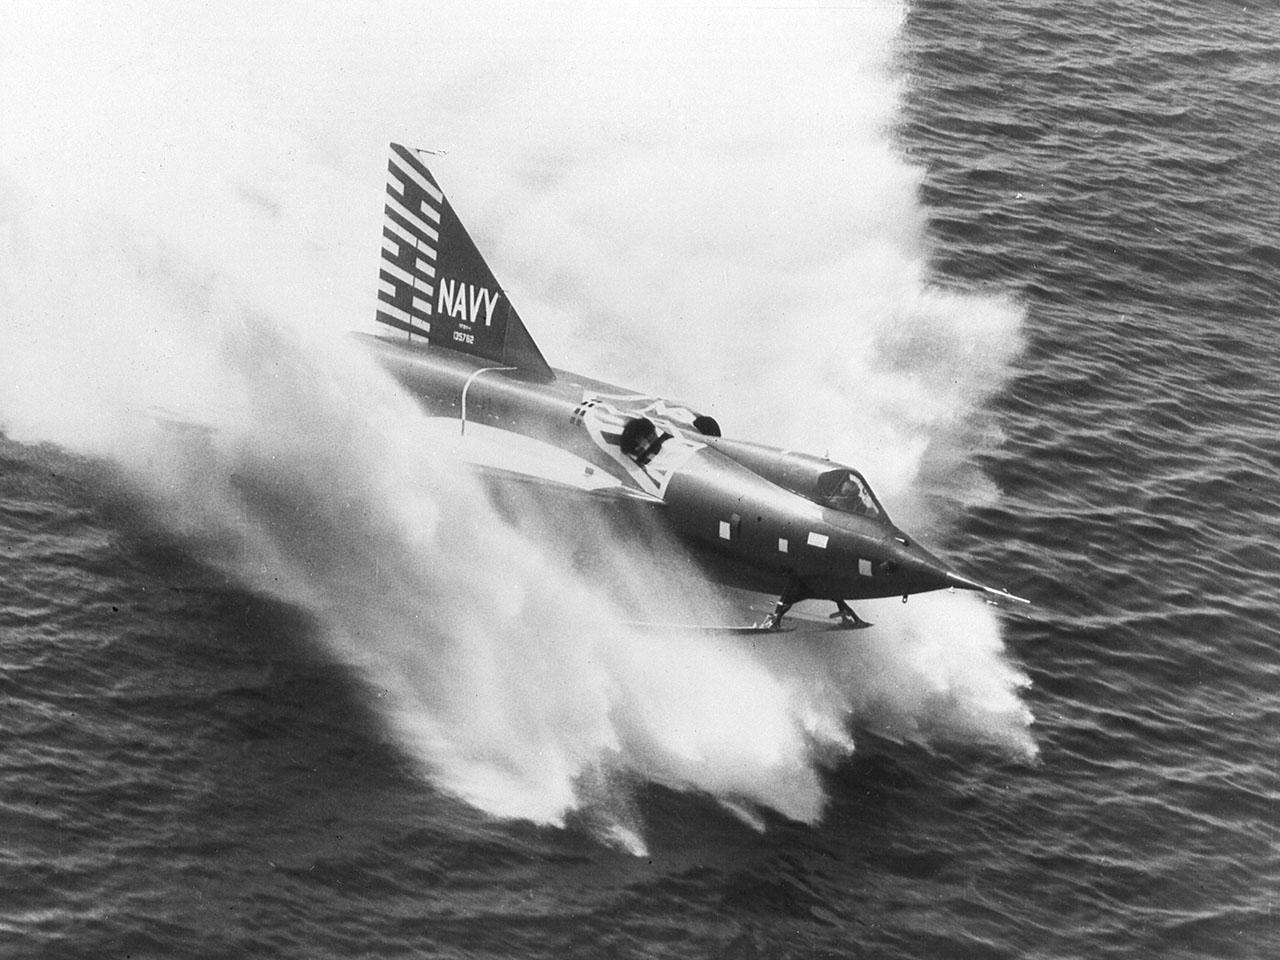 The Convair F2Y Sea Dart